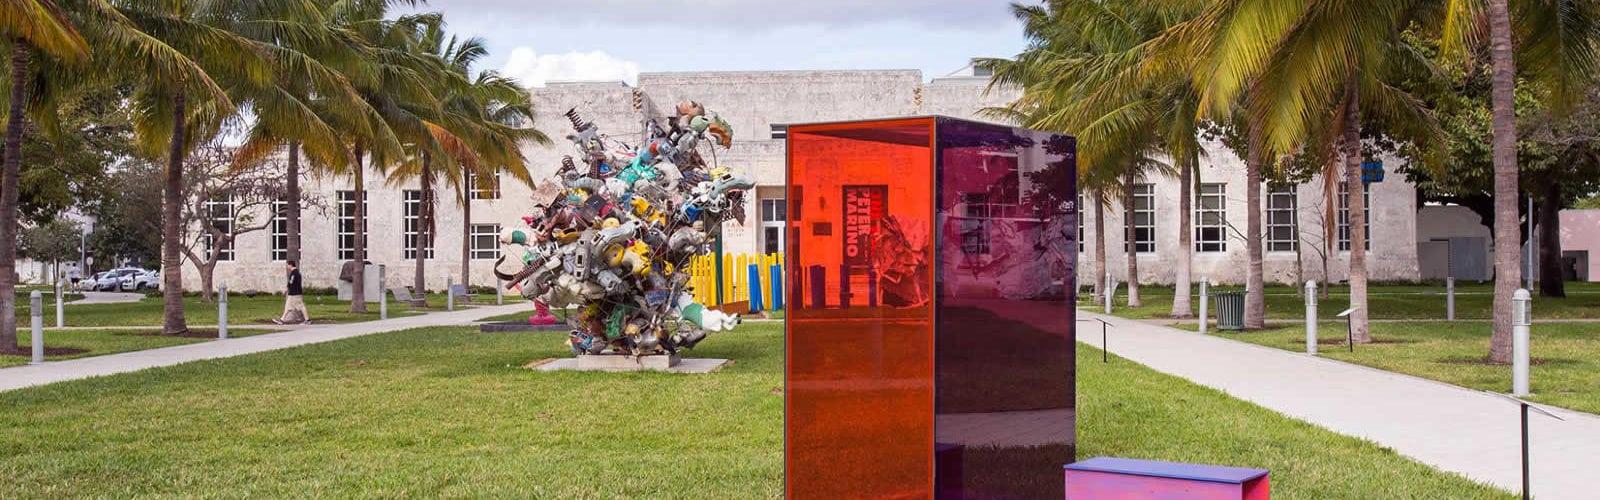 visiter-bass-museum-art-miami-beach-une